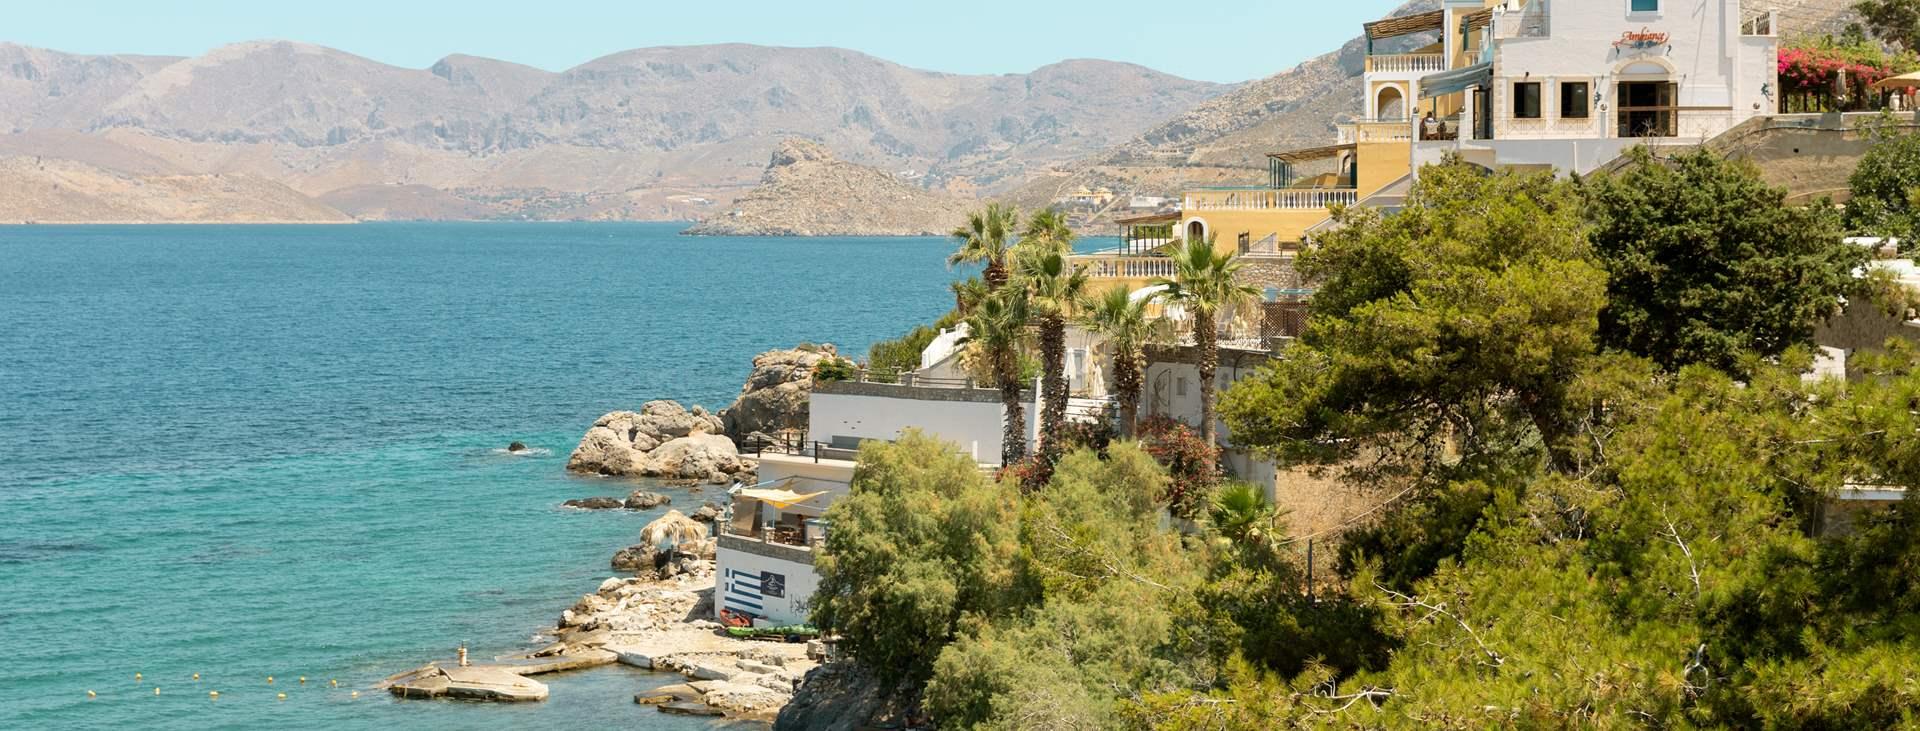 Resor till Mirties & Massouri på Kalymnos i Grekland